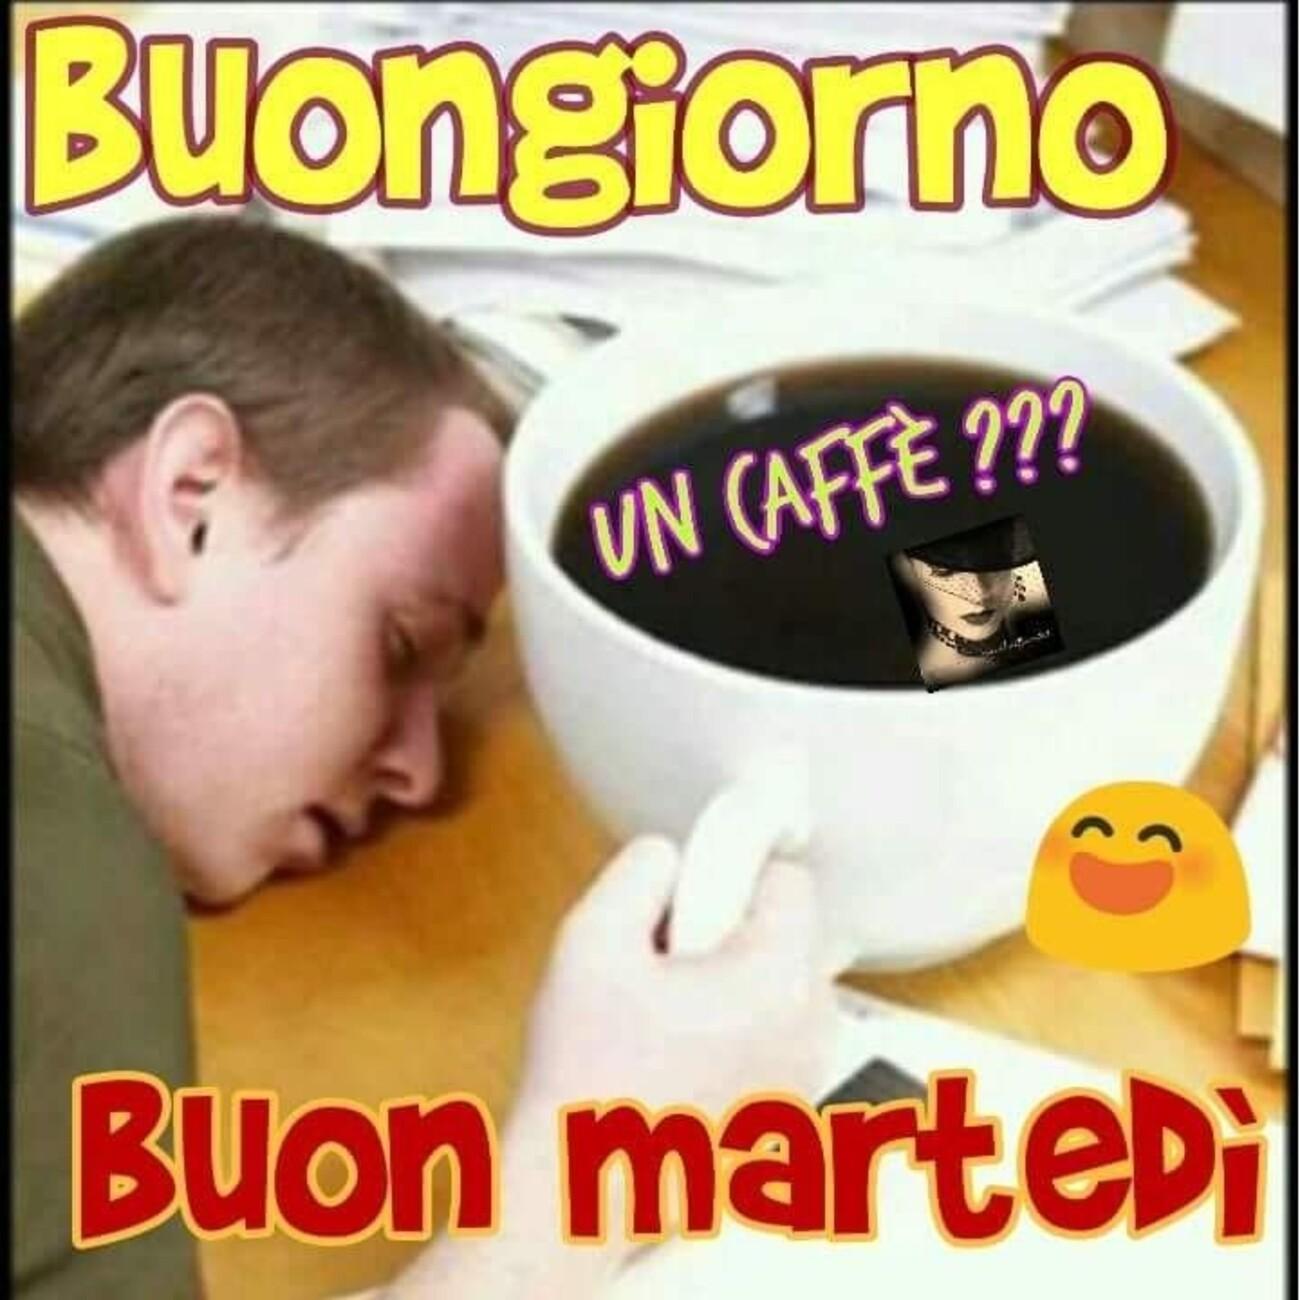 Buongiorno un caffè??? Buon Martedì